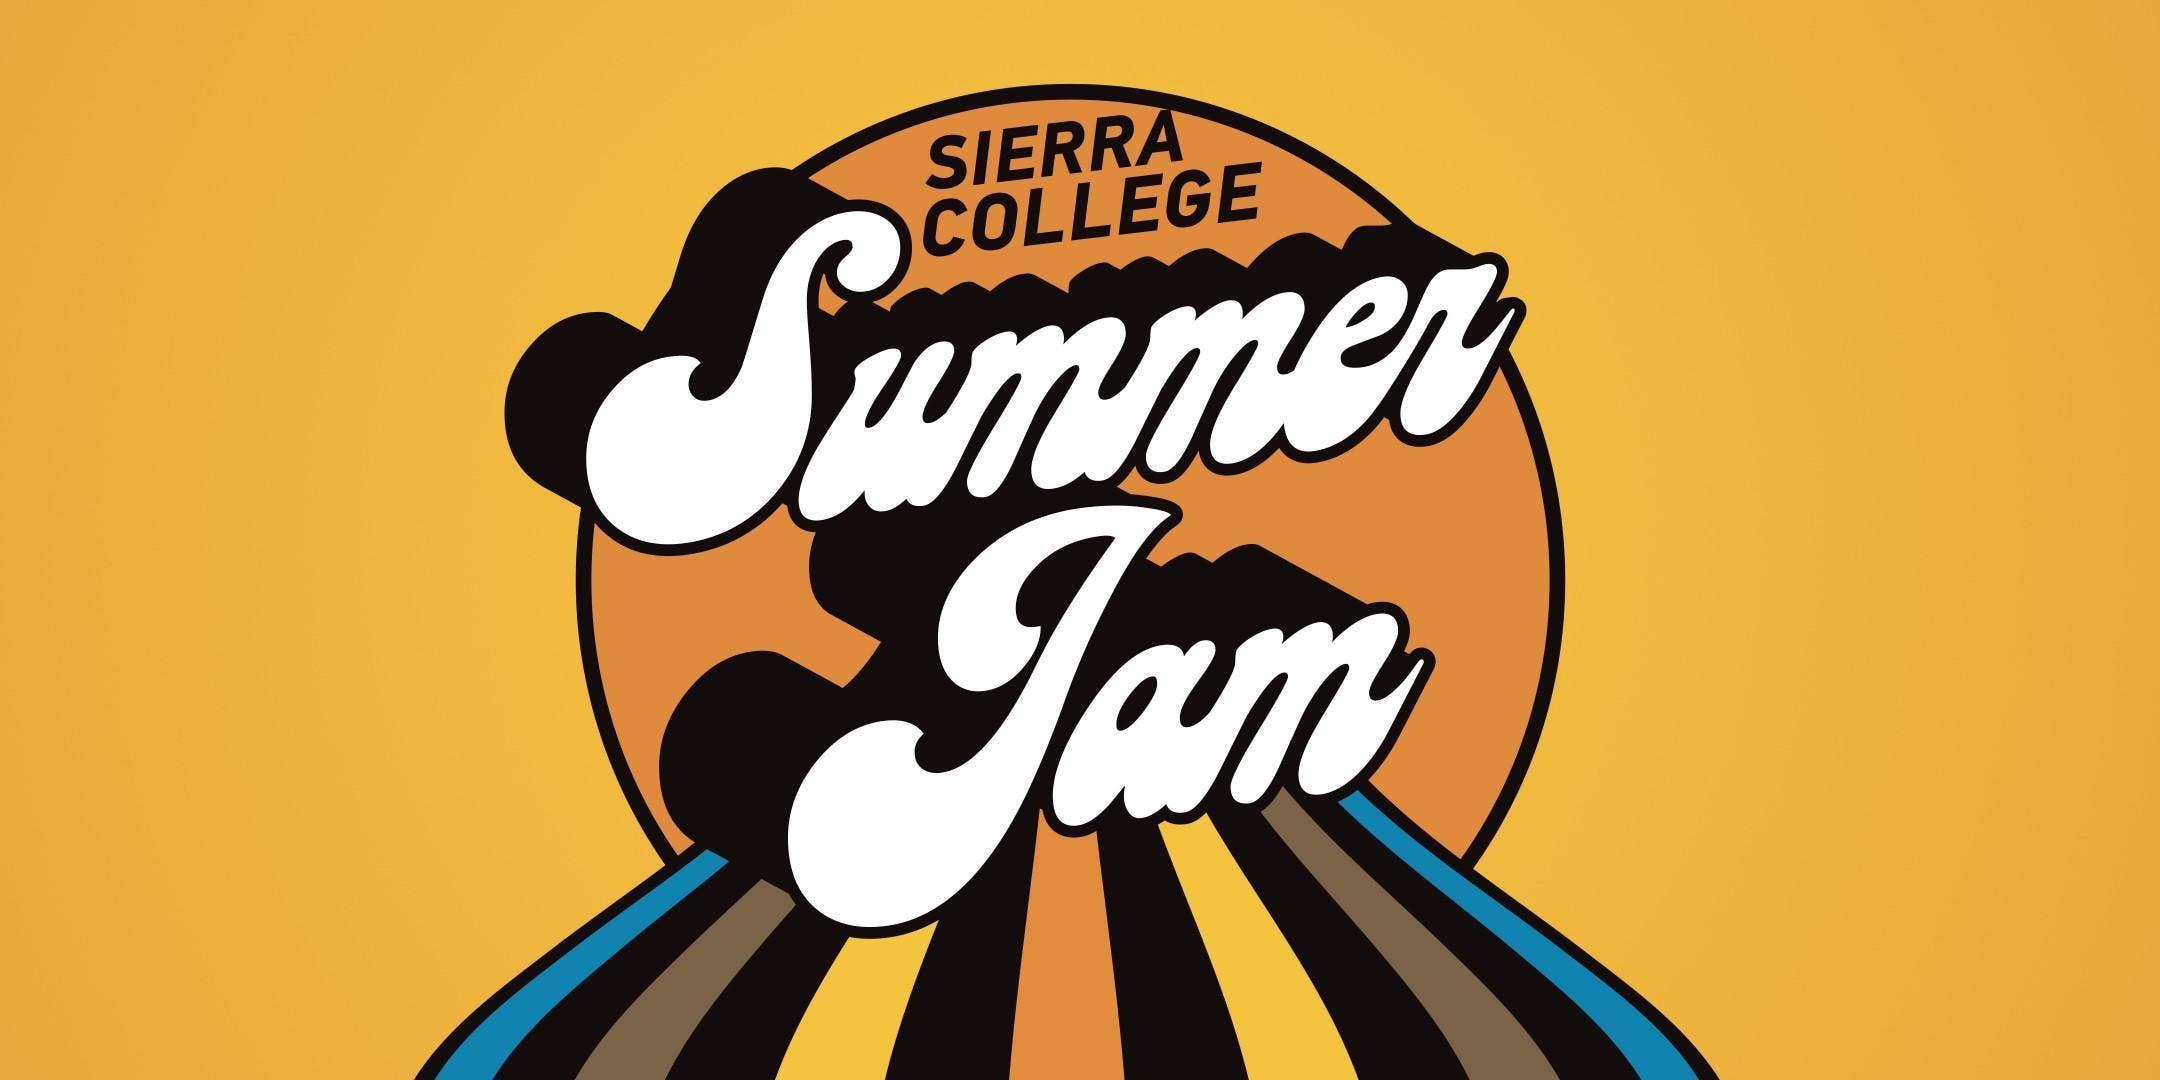 Sierra College Summer Jam August 1 3 2018 8 00 Am 12 30 Pm